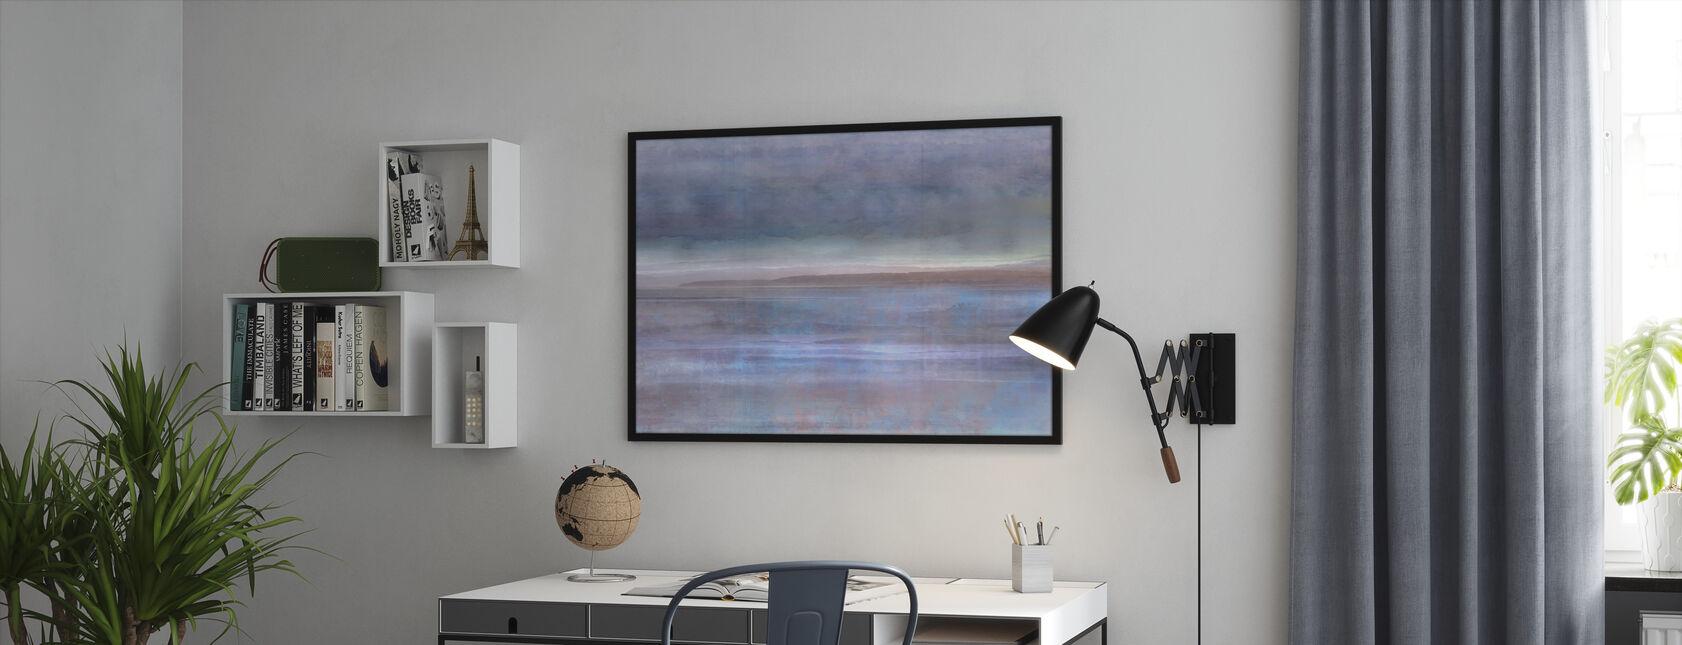 Płaskie pływów - Obraz w ramie - Biuro